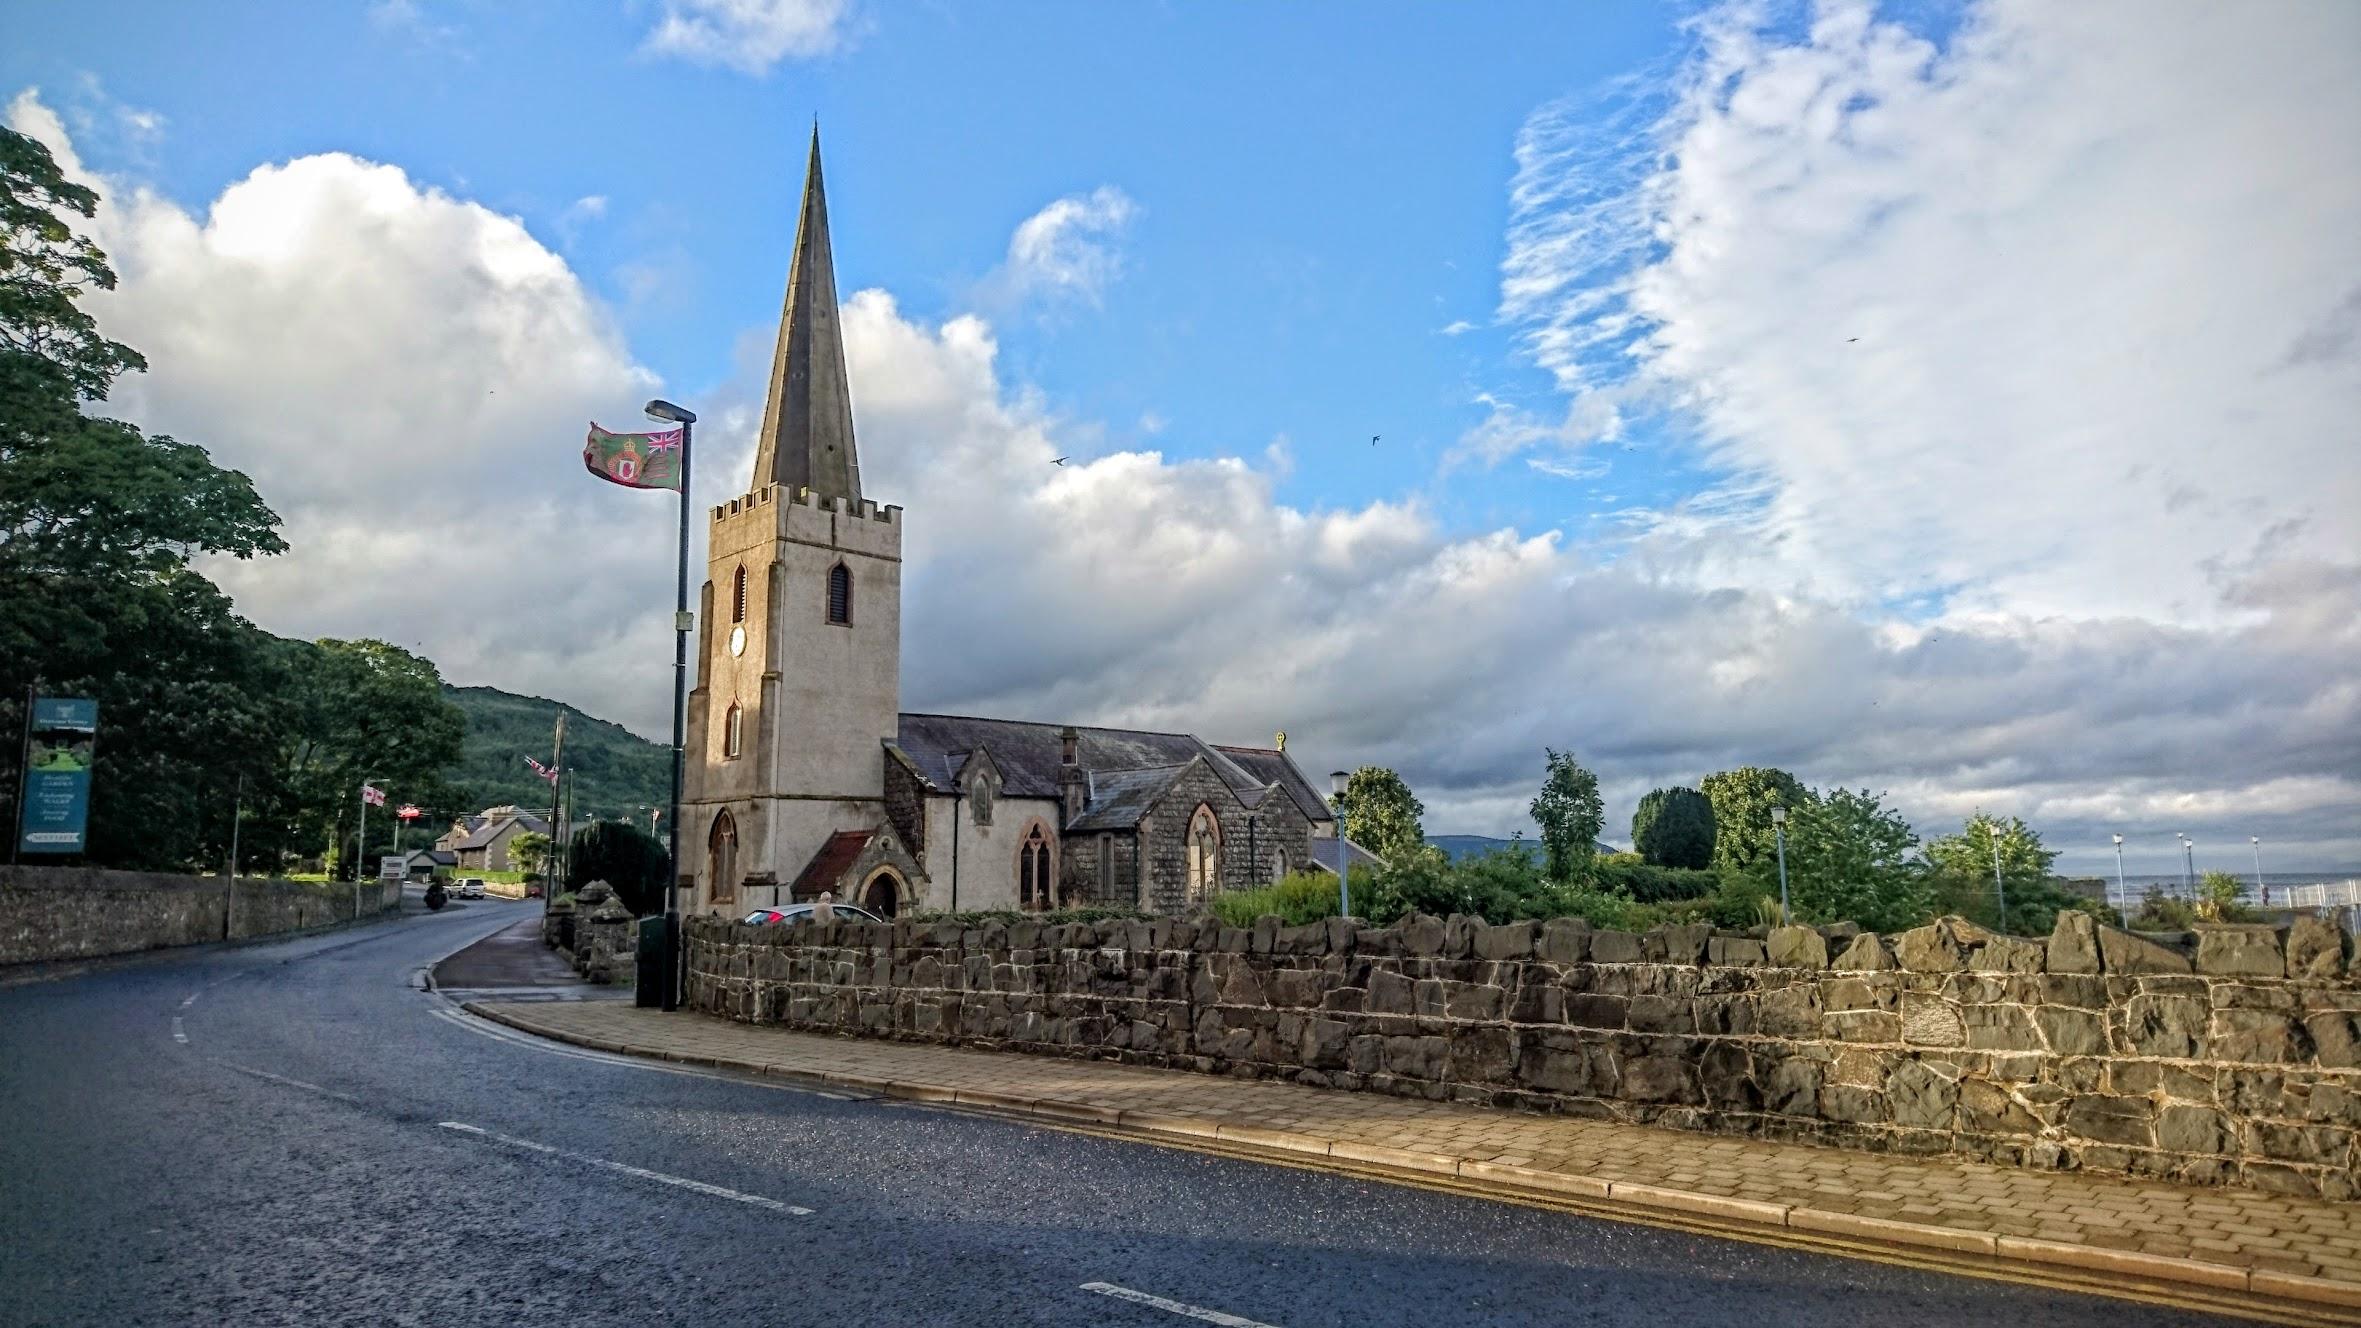 St. Patrick's Parish Church in Glenarm.